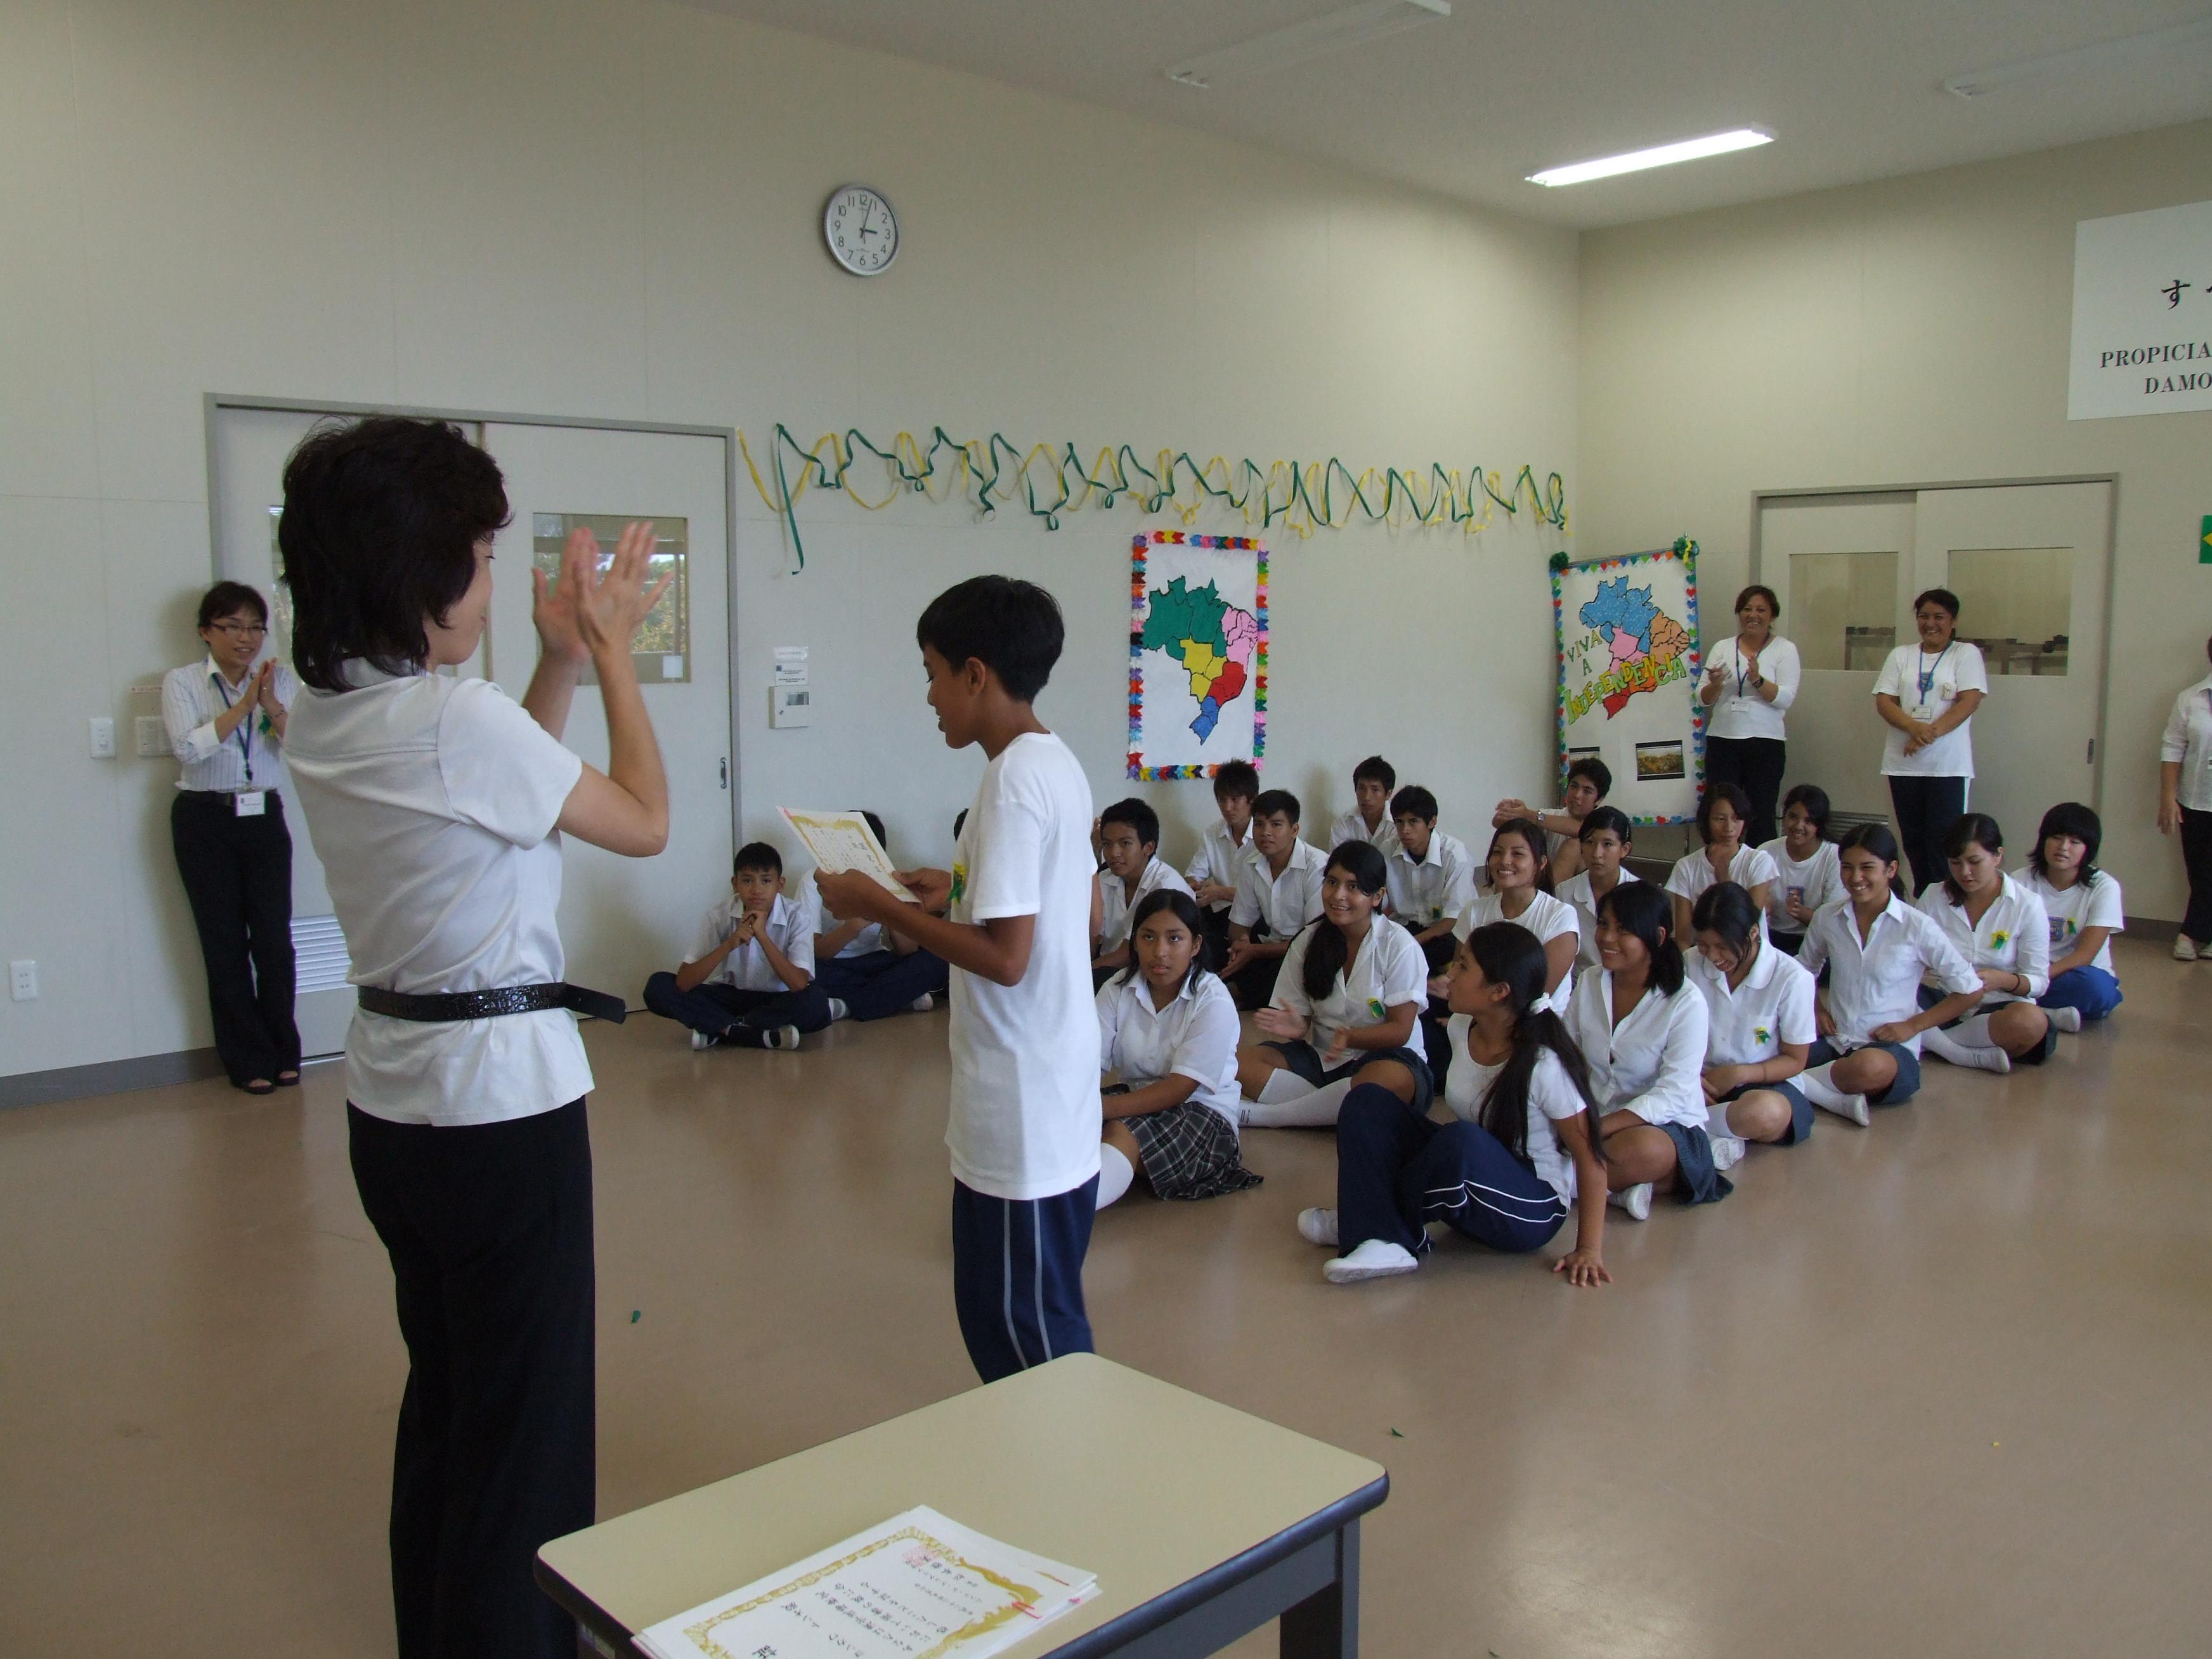 http://www.mundodealegria.org/images/DSCF3879.JPG